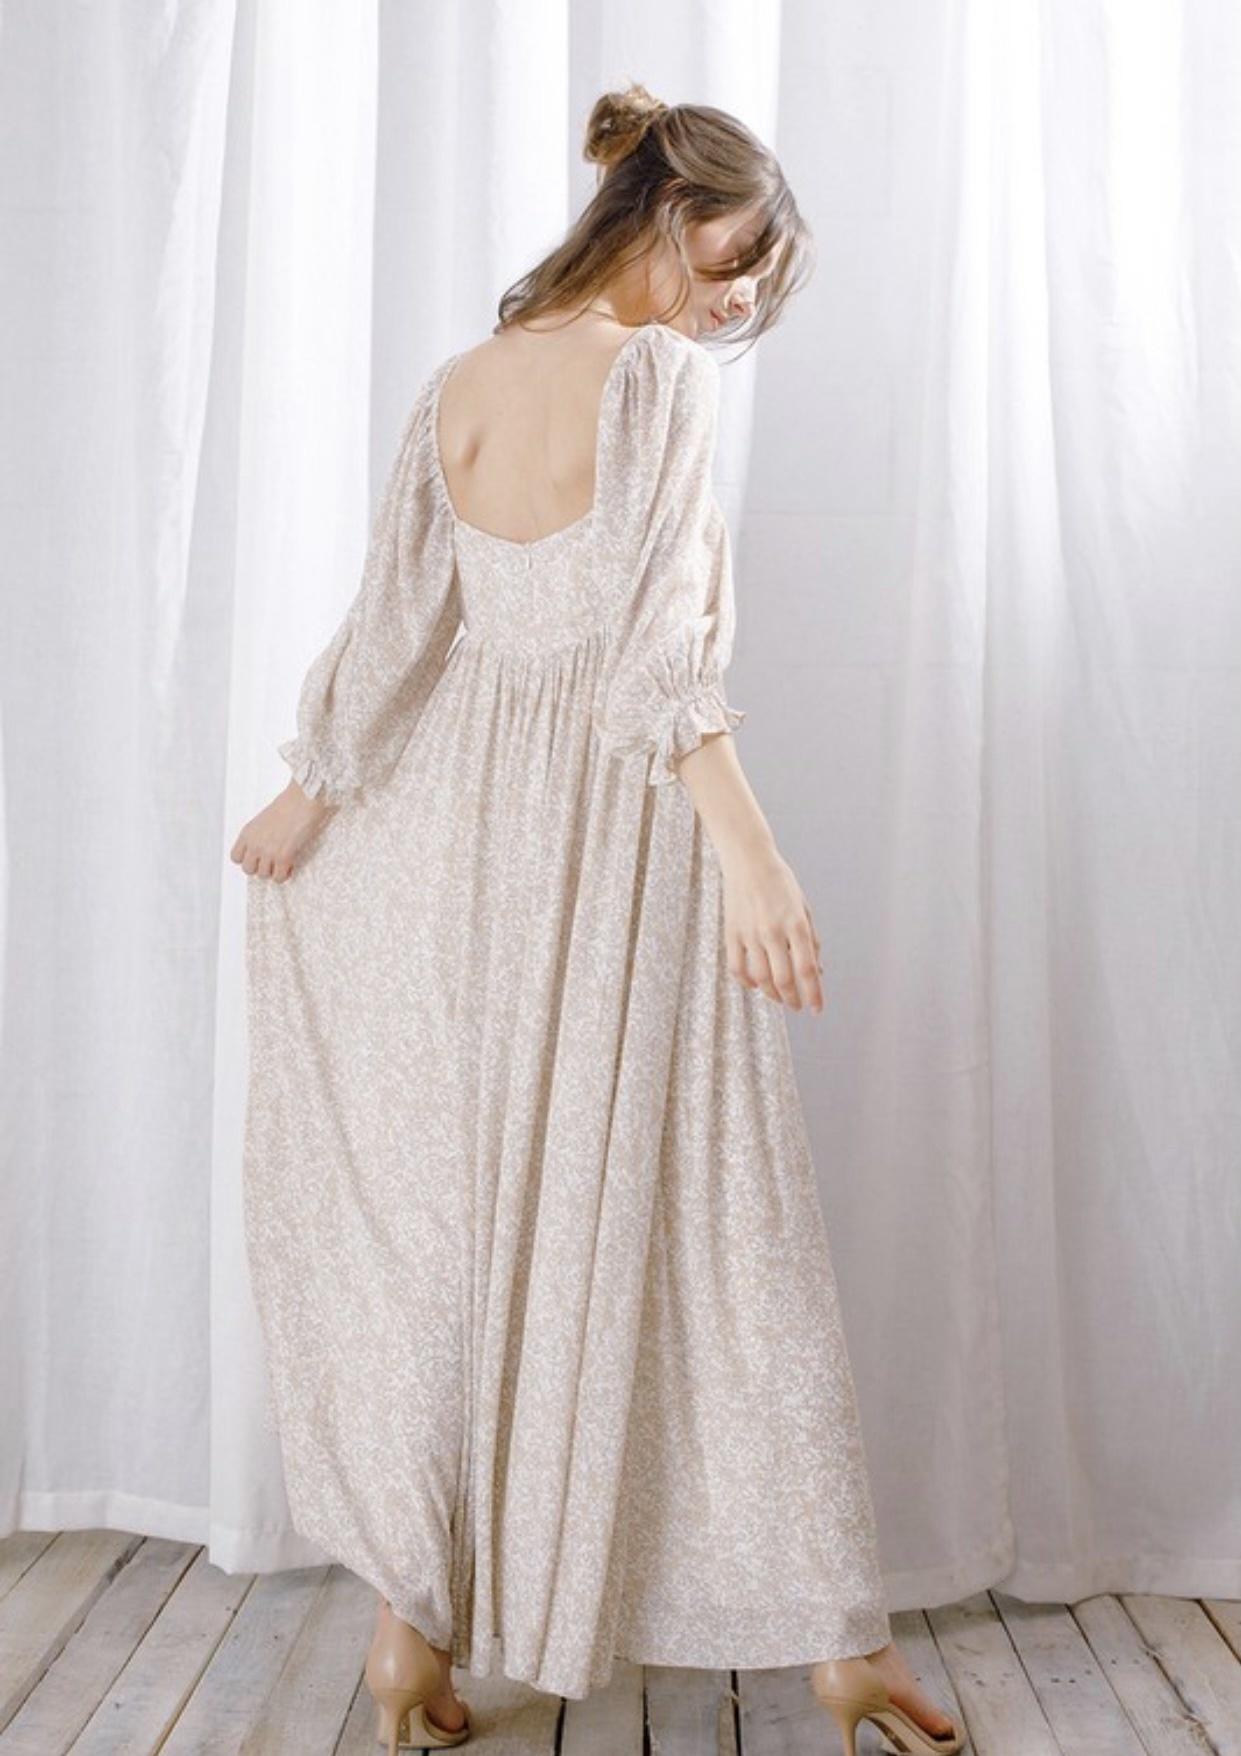 Luella Maxi Dress